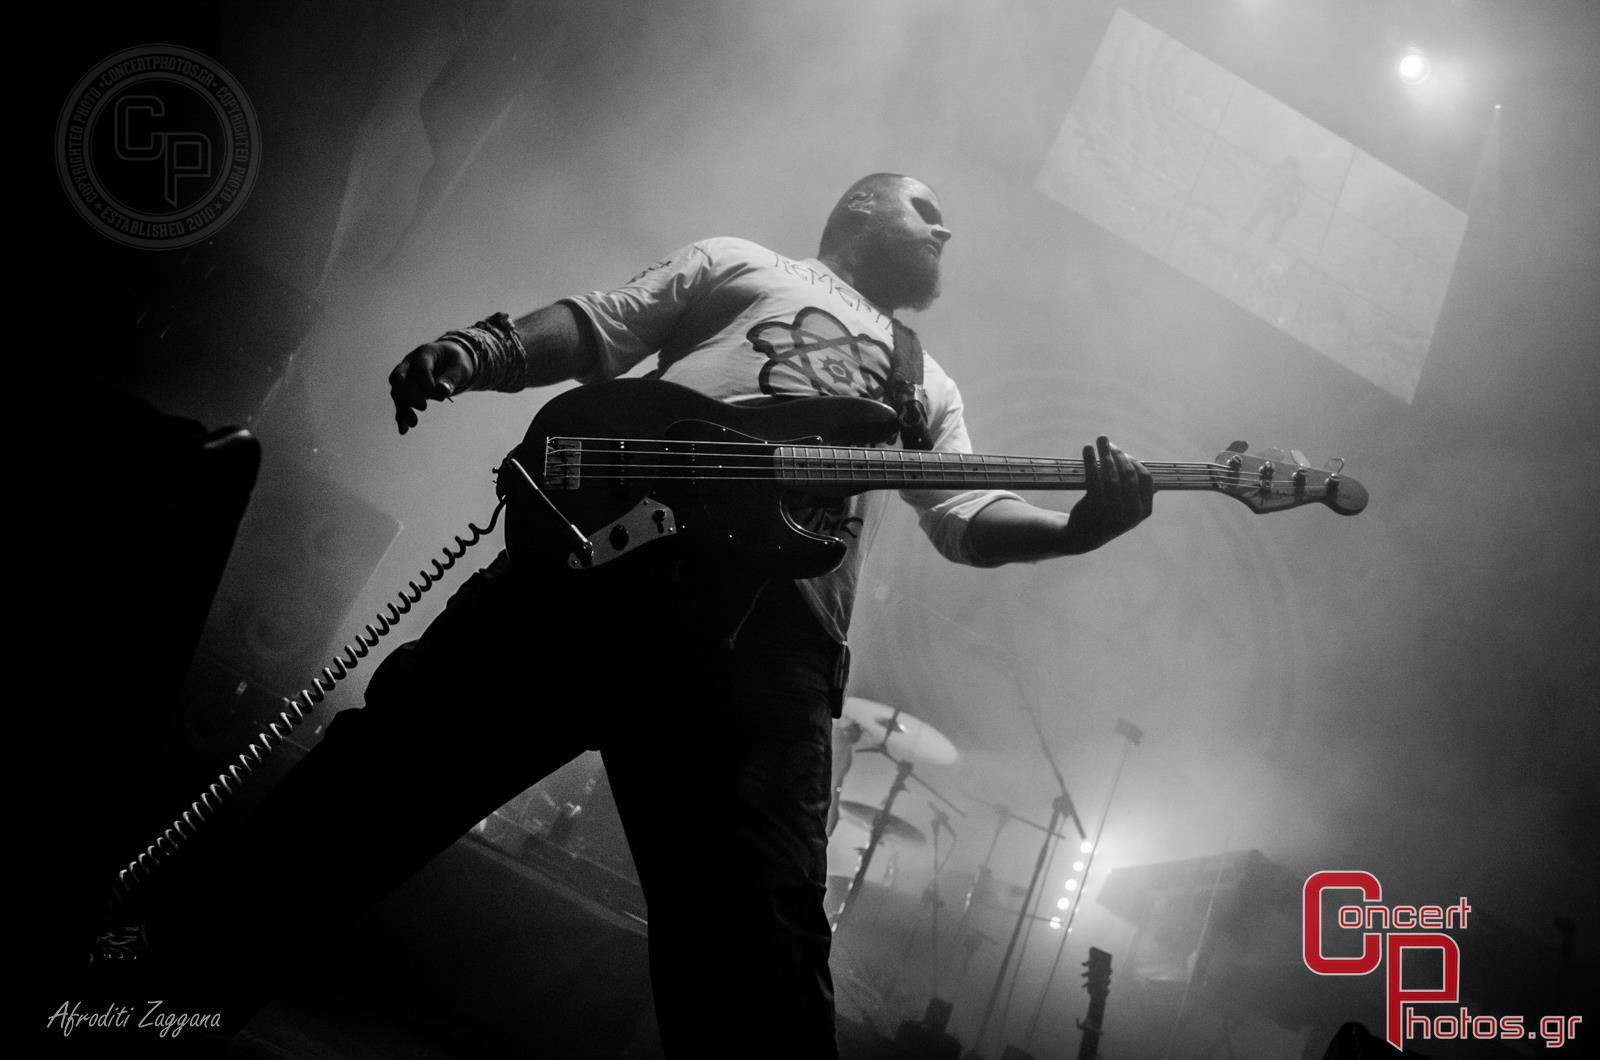 HIM-HIM photographer:  - concertphotos_20140801_21_15_39